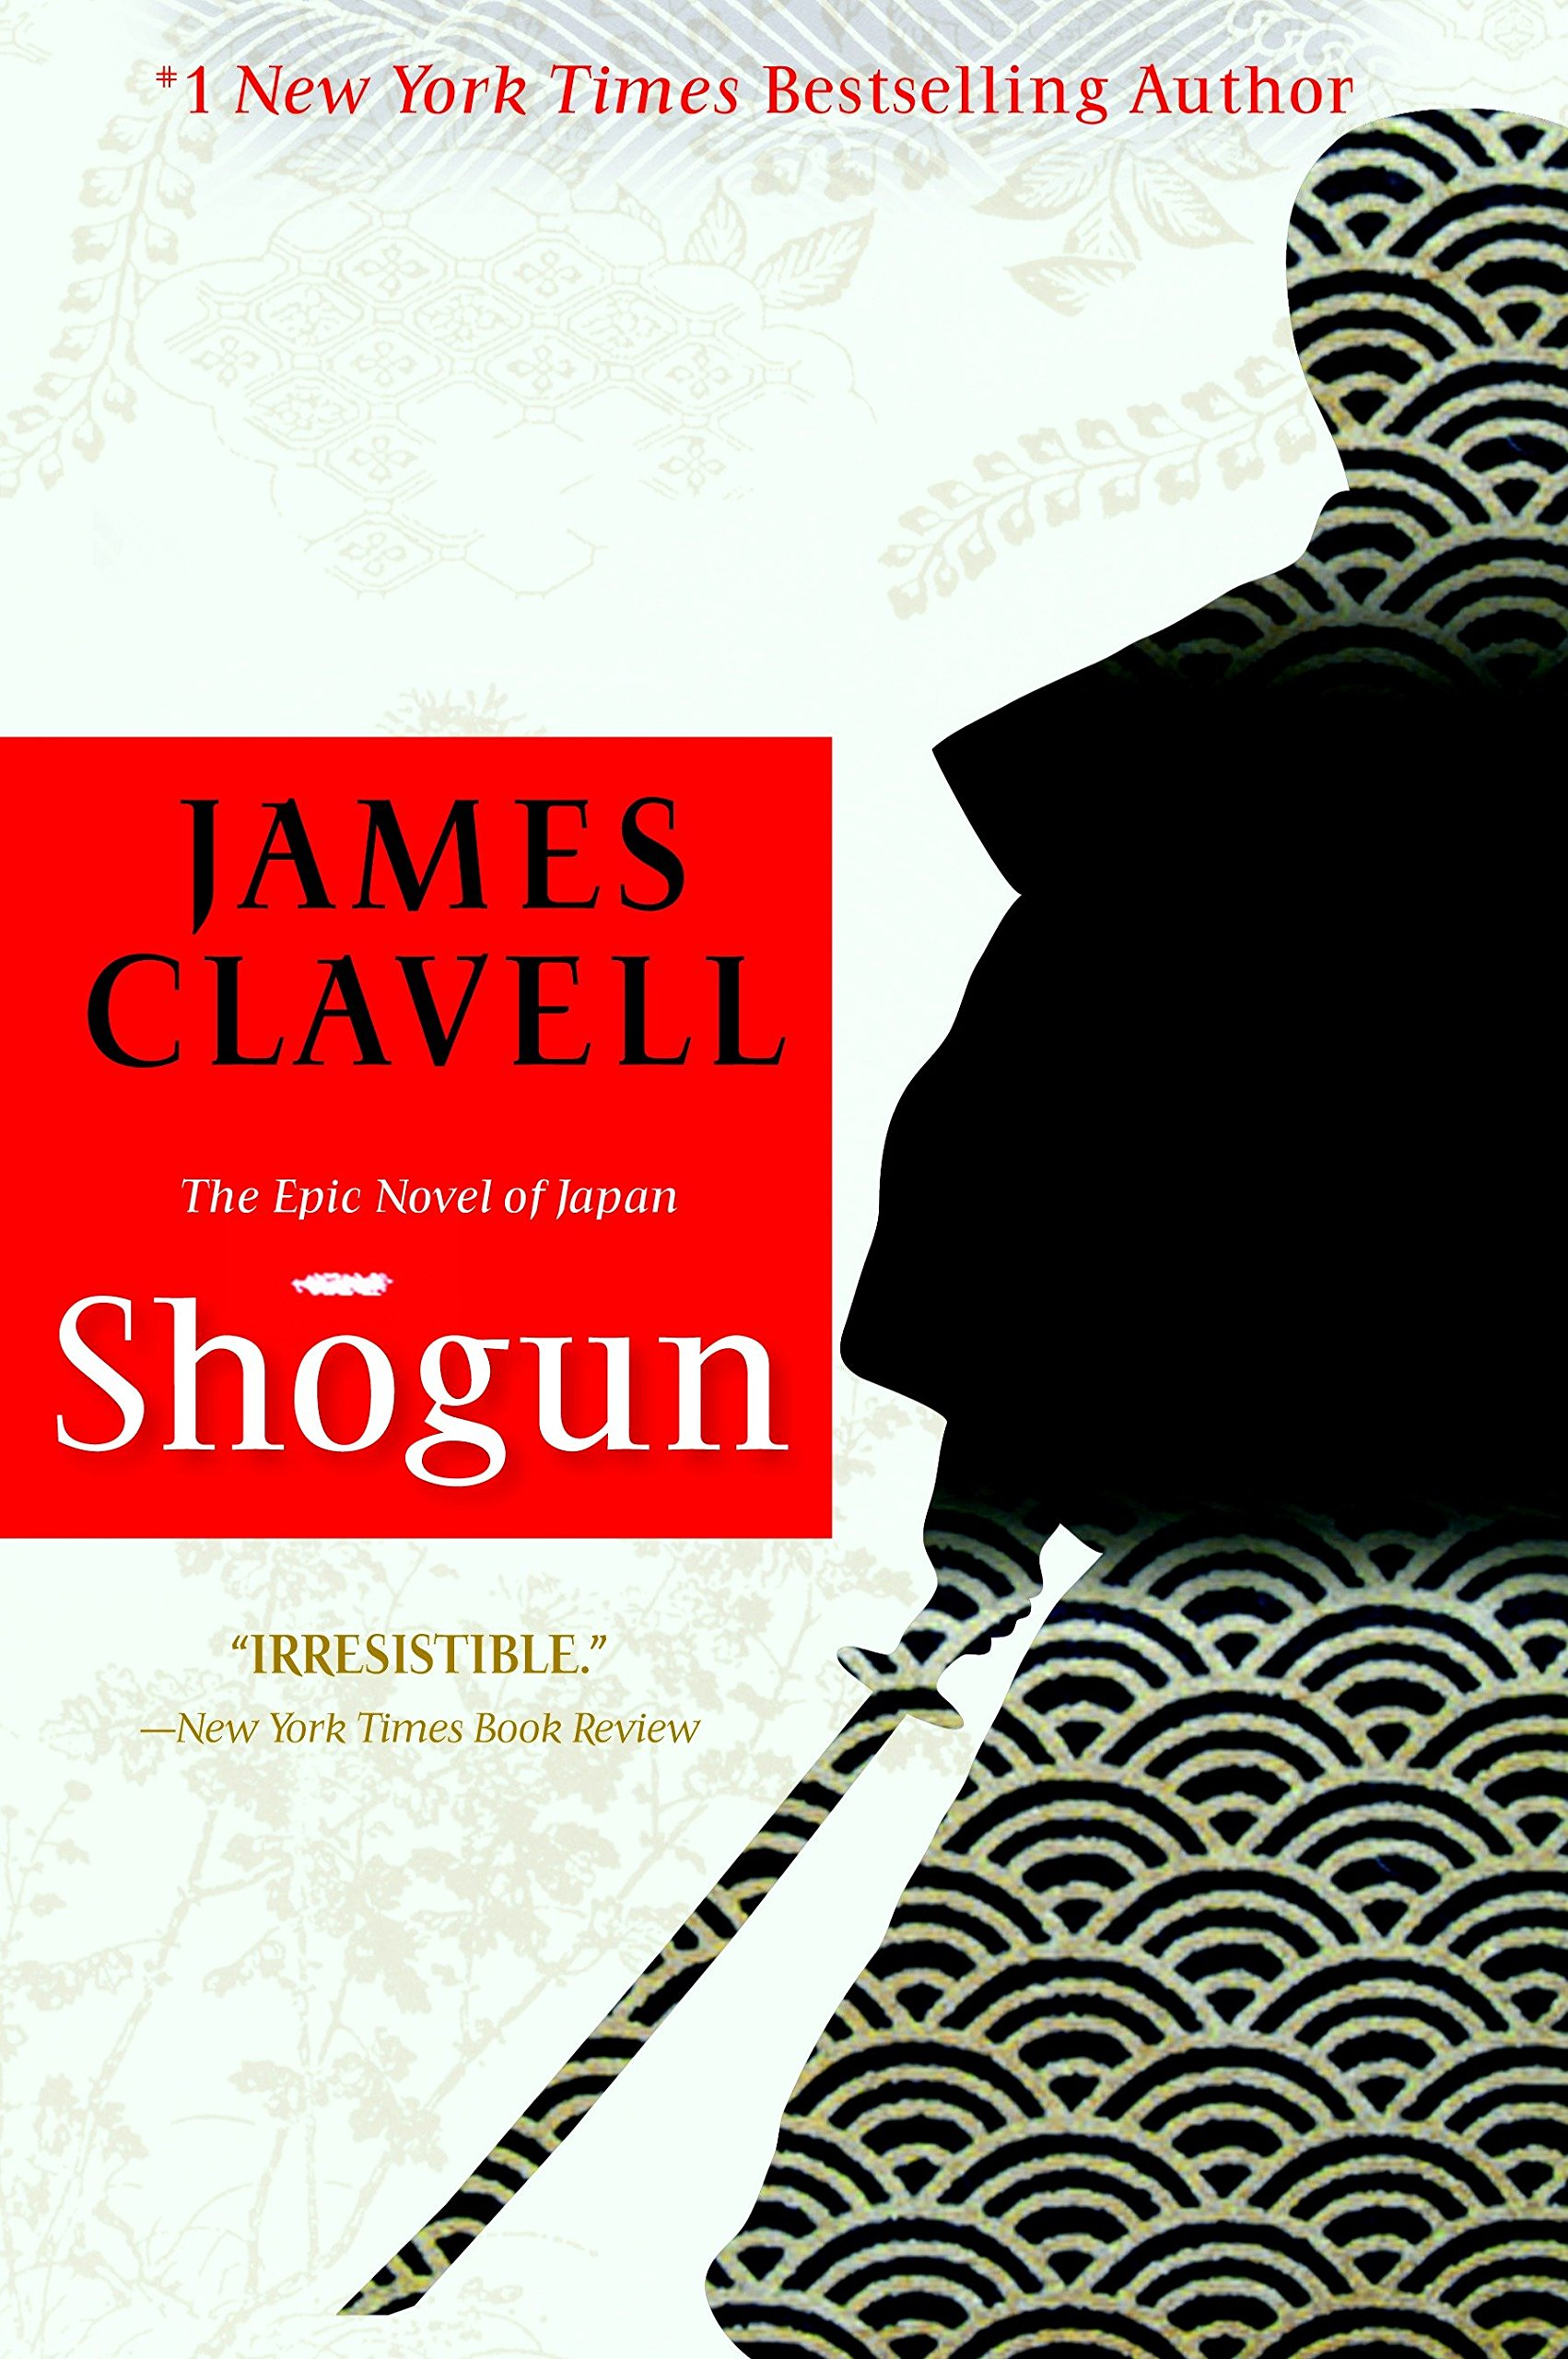 52eec39793267 Shogun - Livros na Amazon Brasil- 9780385343244